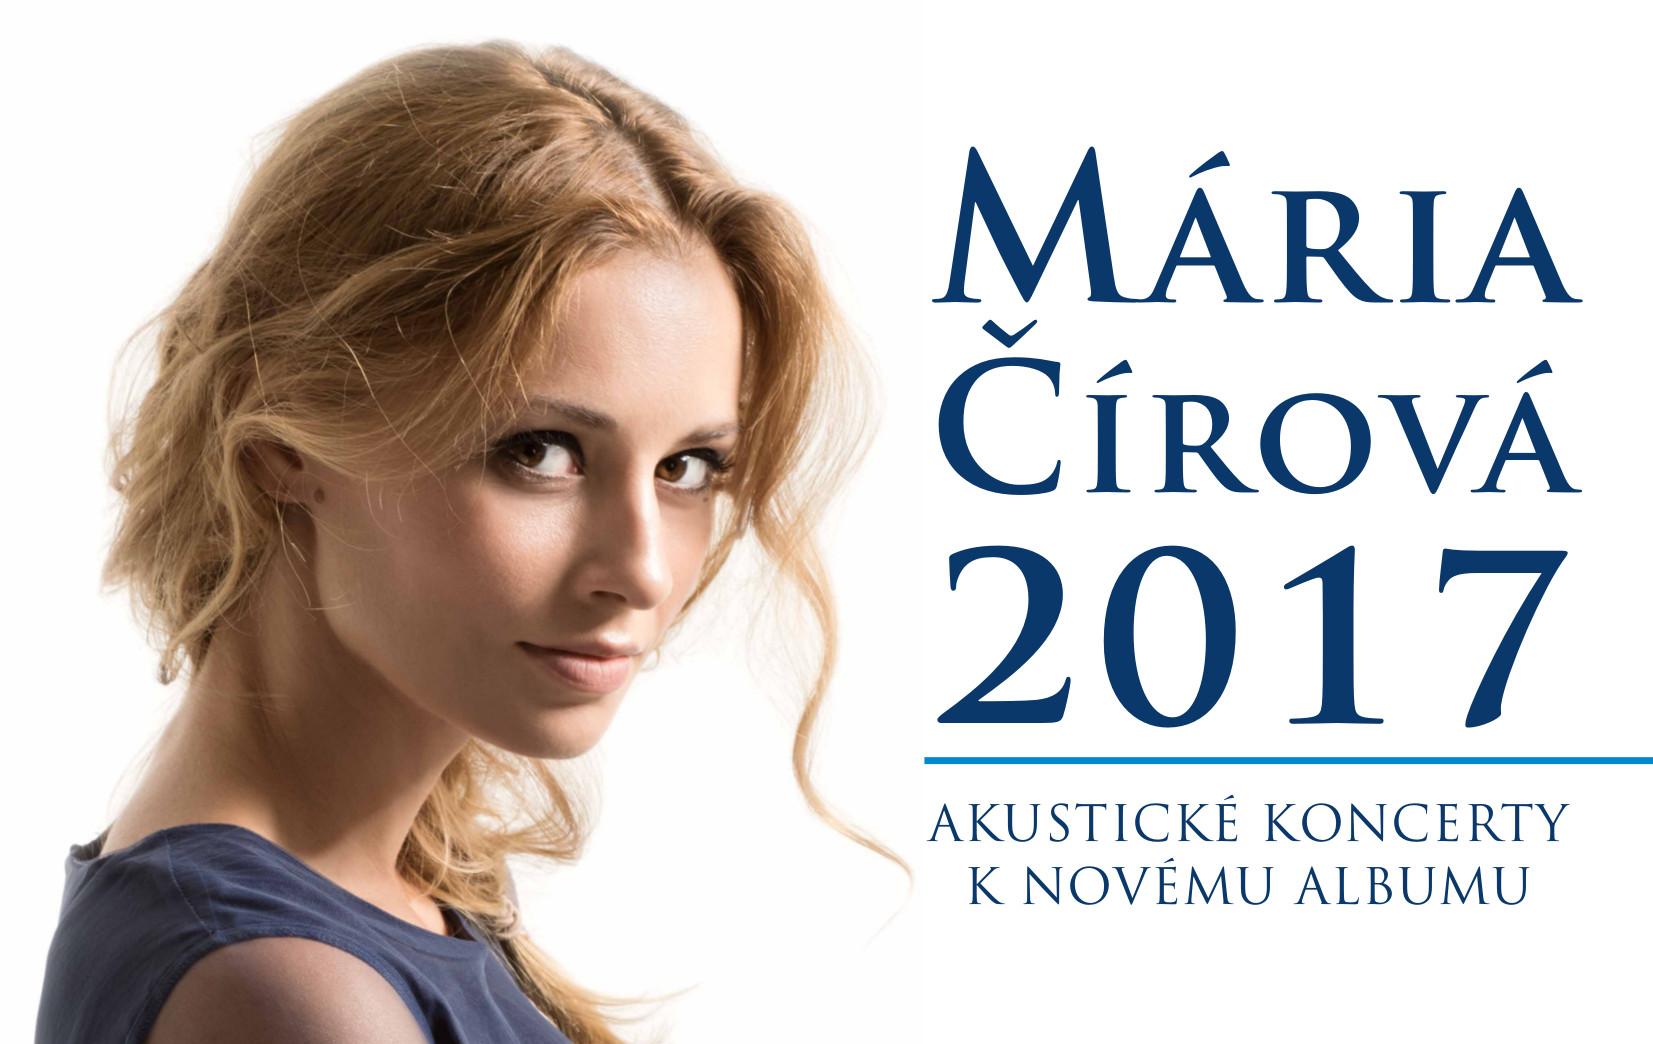 bc27842bef65 MÁRIA ČÍROVÁ  2017 Akustické koncerty k - Katalóg firiem